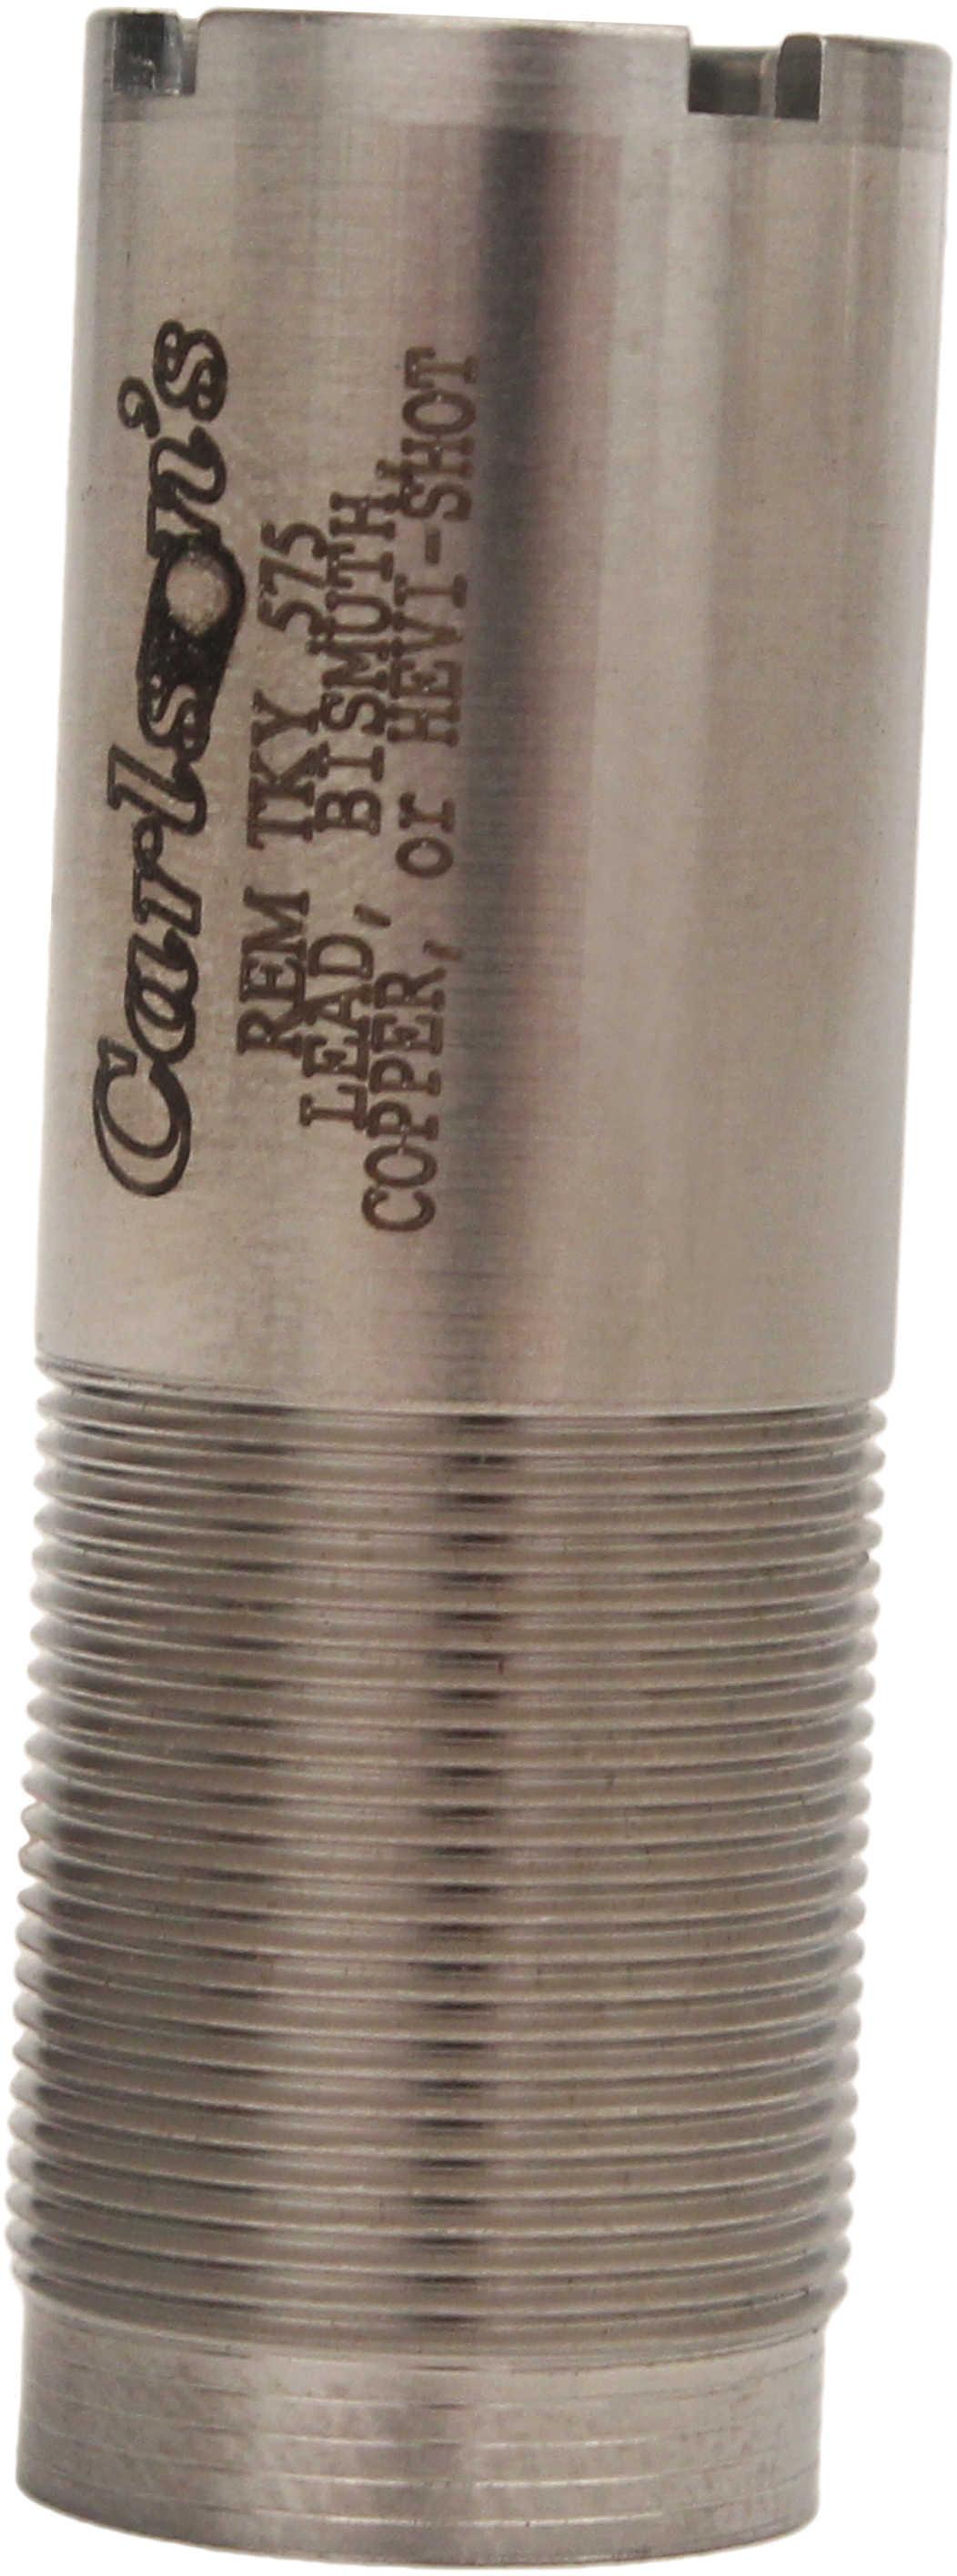 Carlson's Remington Flush Mount Choke Tubes, 20 Gauge 20 Gauge, Turkey .575 Md: 10208